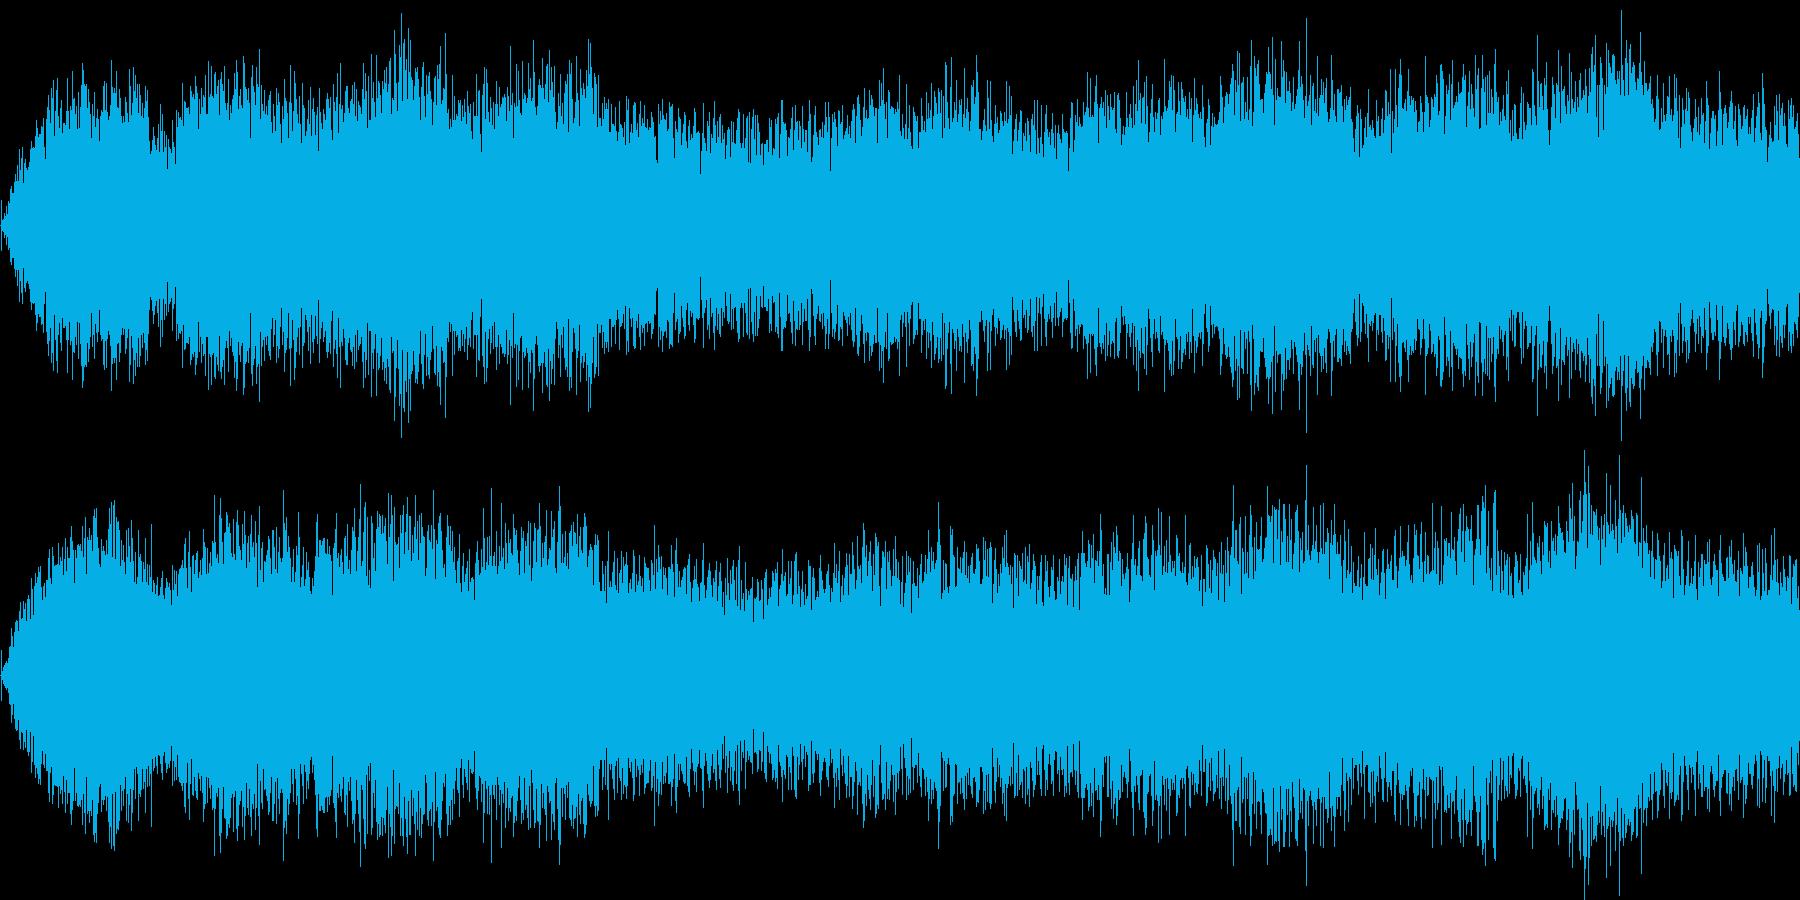 主人公が精神錯乱状態になった時の音楽の再生済みの波形